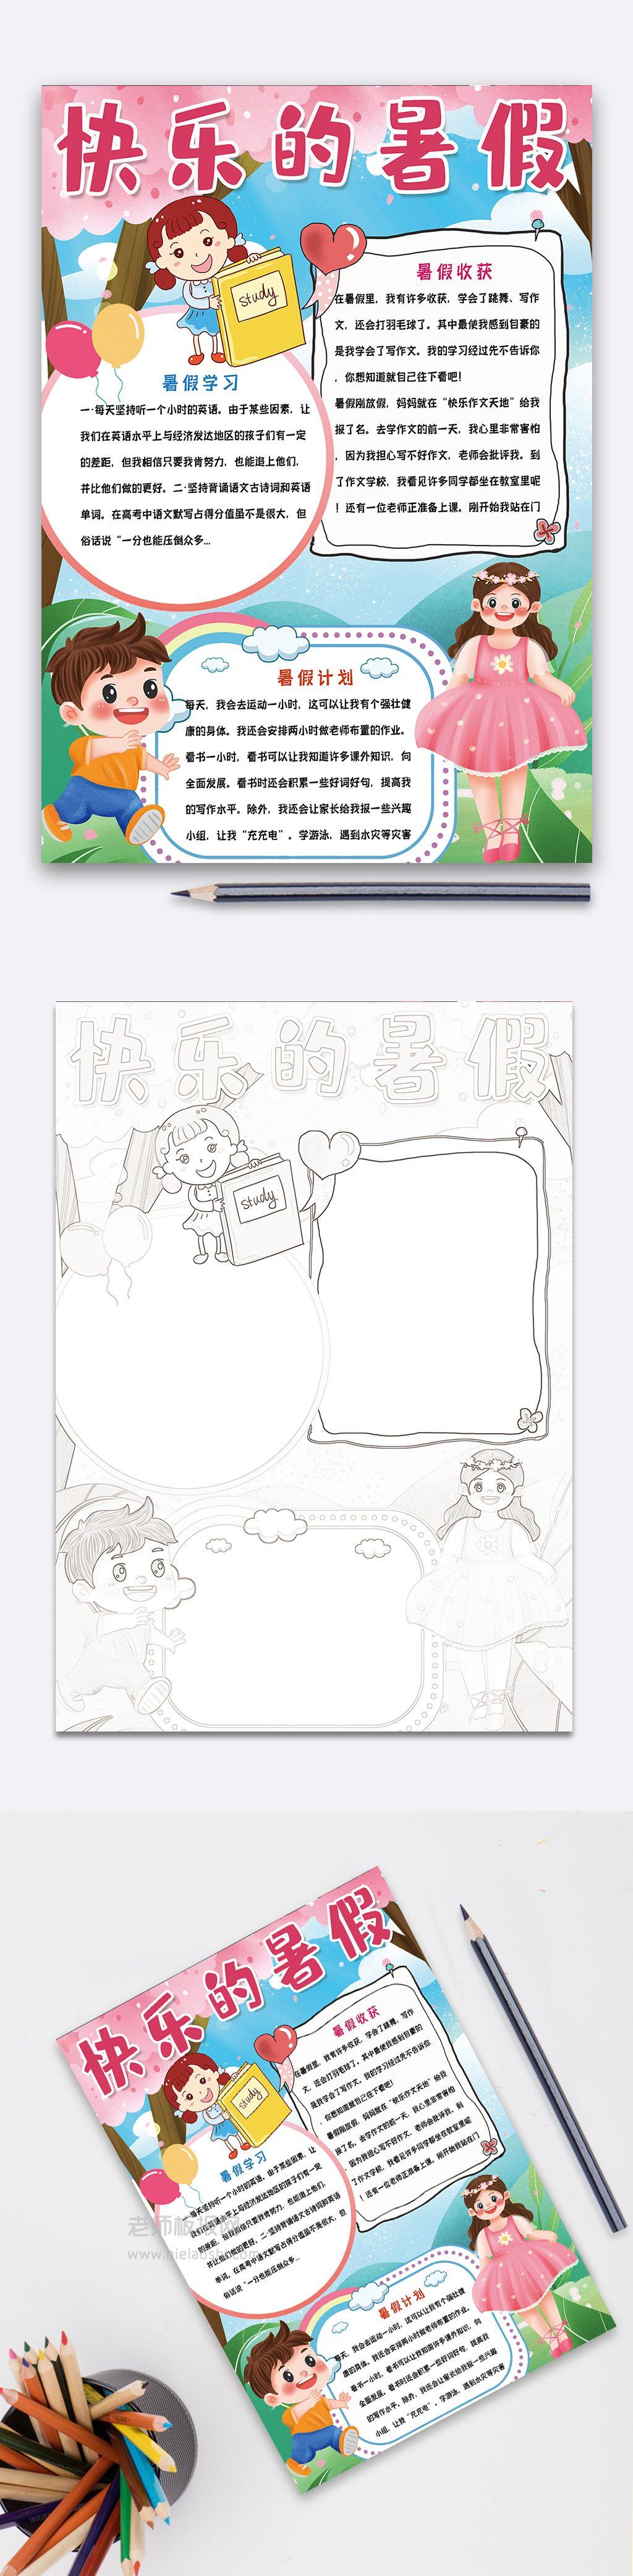 快乐的暑假竖版手抄报word电子模版